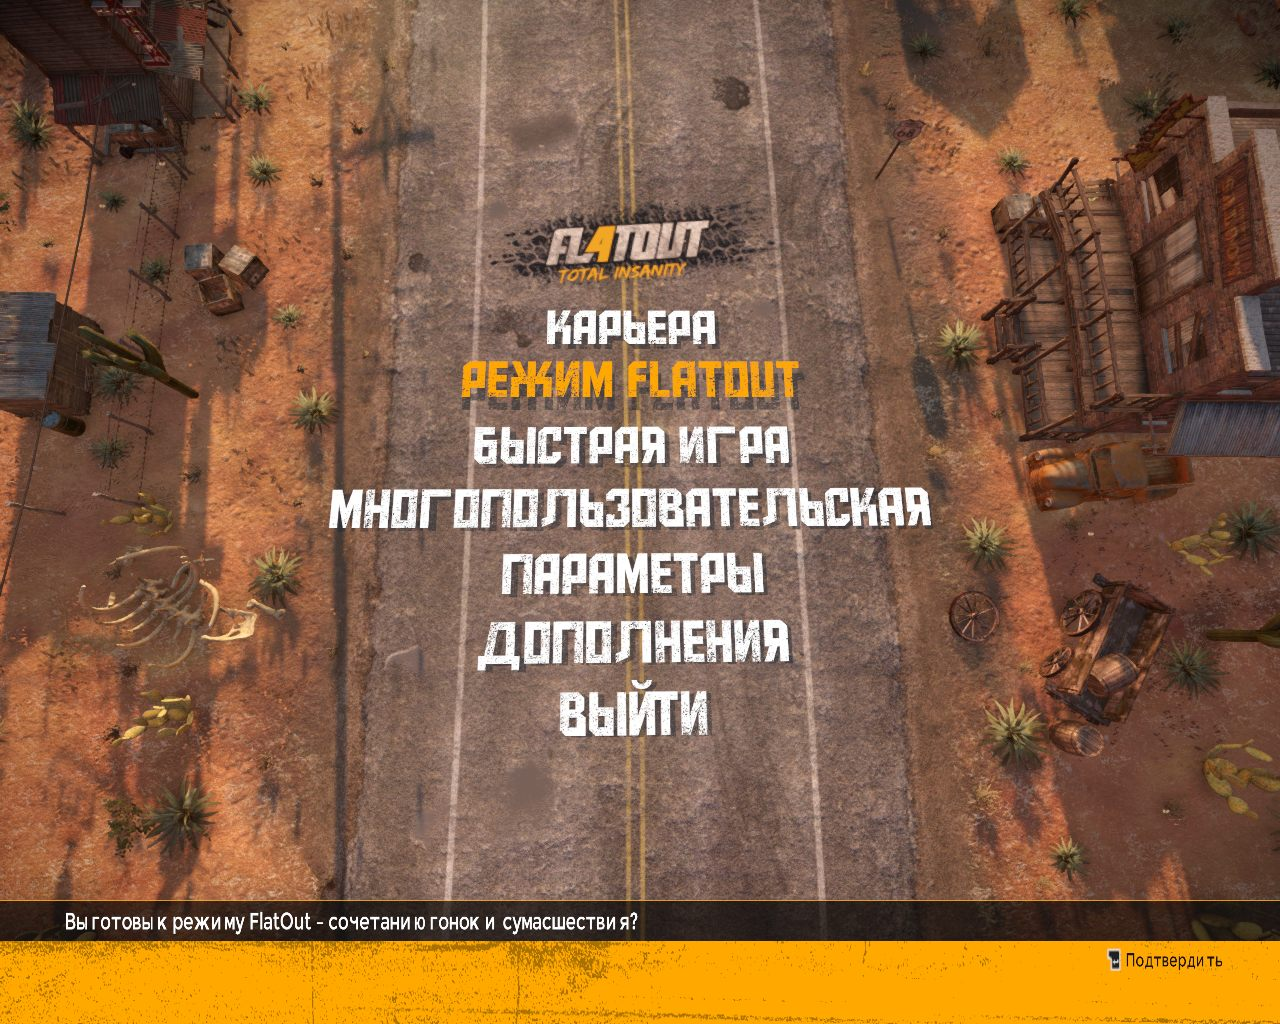 Скачать flatout 1 через торрент на русском механики prakard.